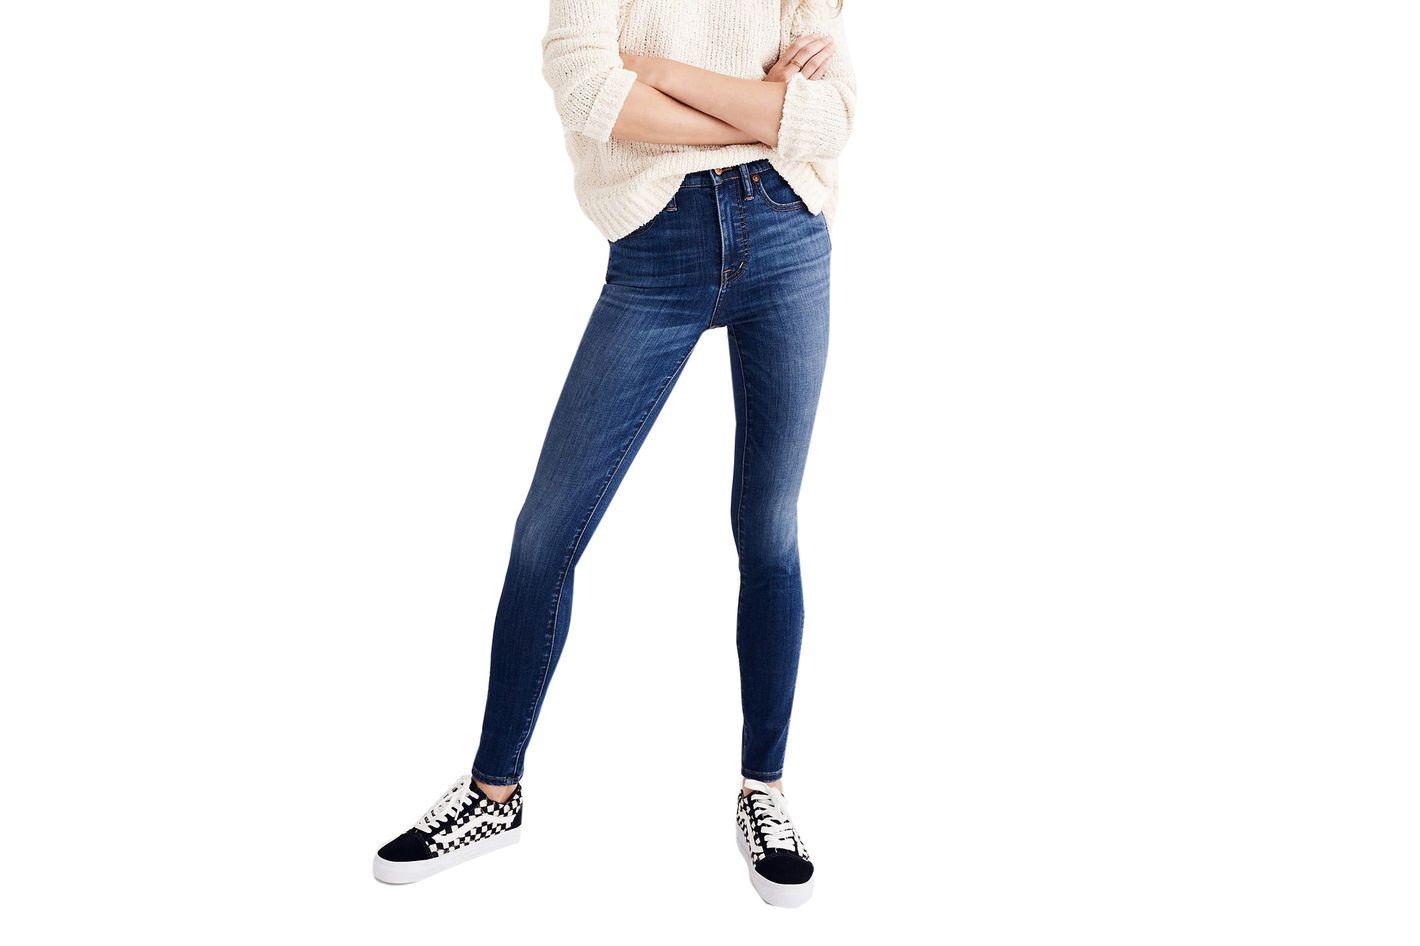 Best High Waist Petite Jeans